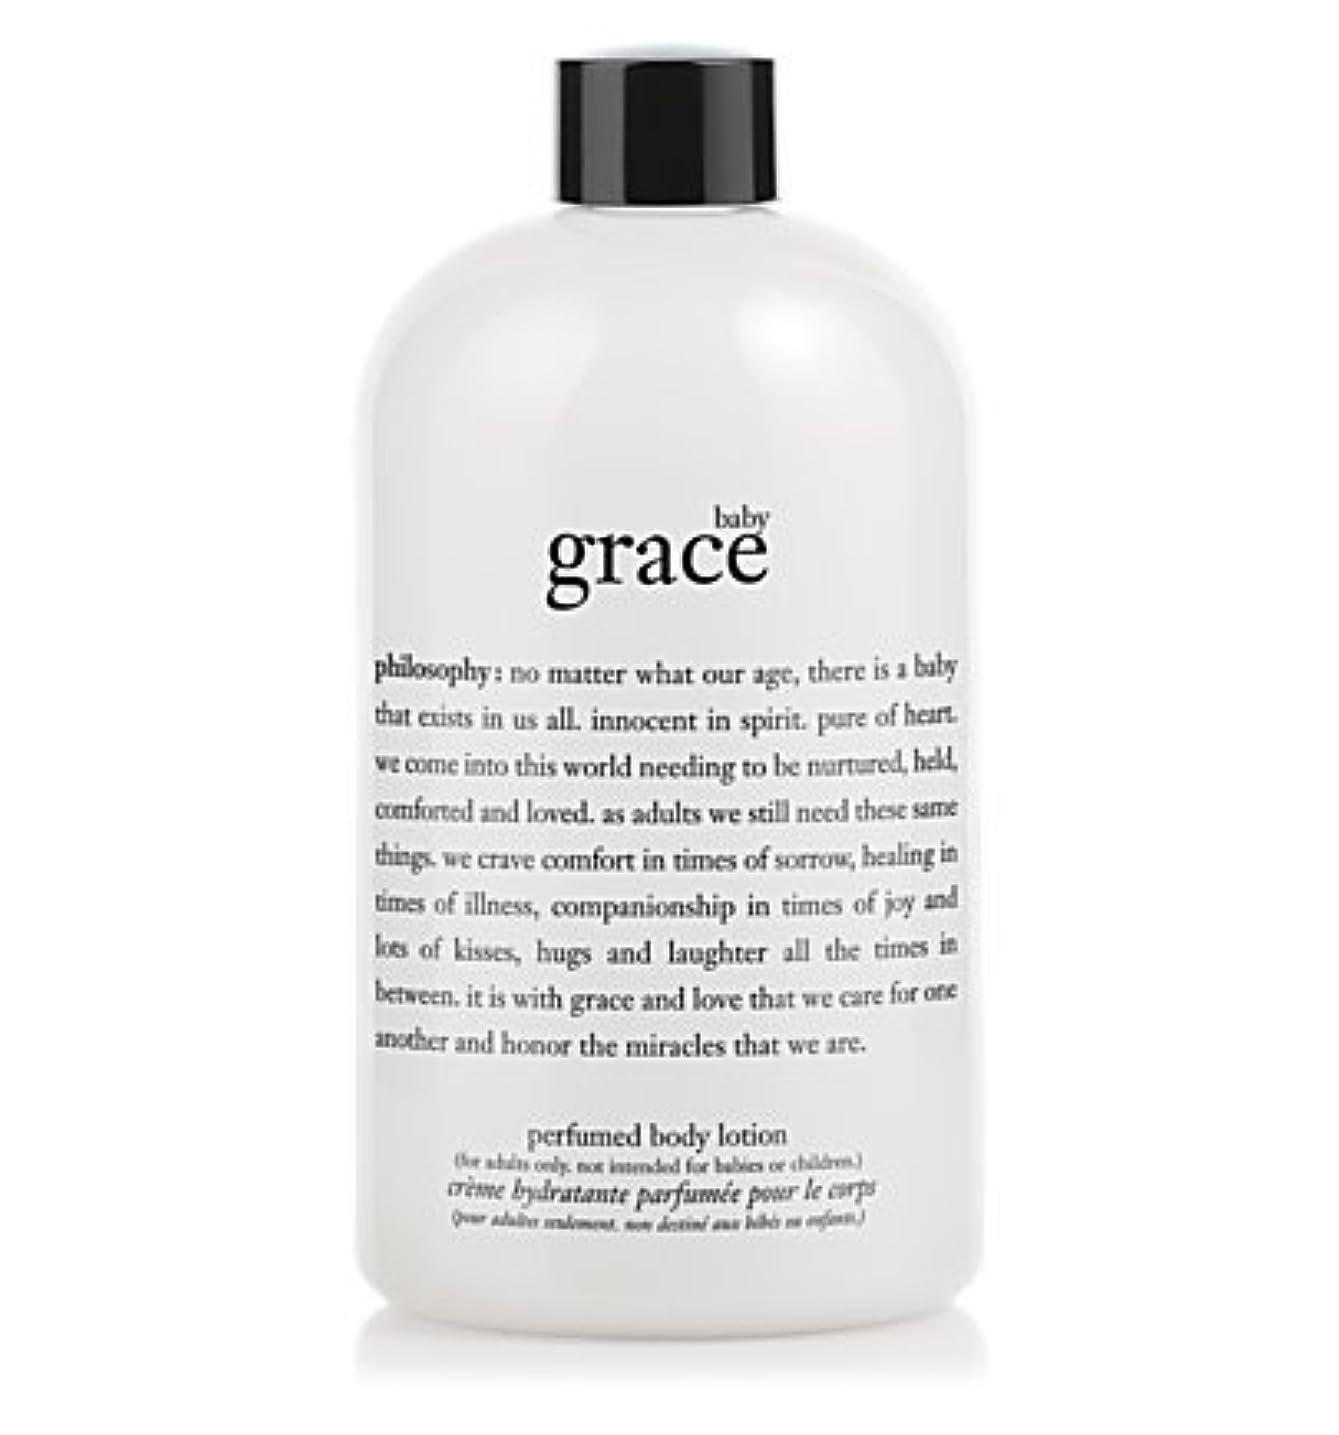 綺麗な代理人穿孔するbaby grace (ベビーグレイス ) 16.0 oz (480 ml) perfumed body lotion for Women